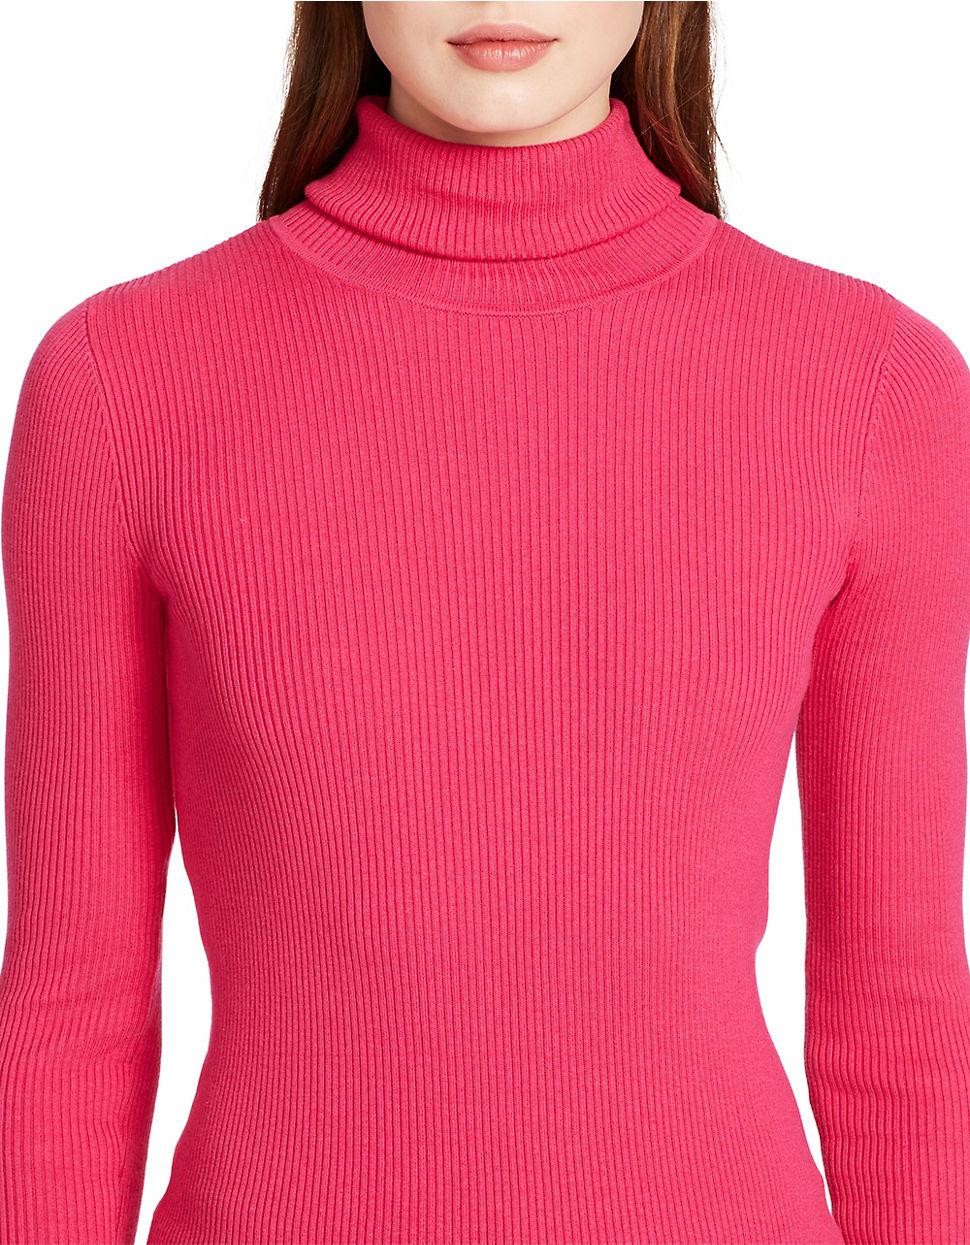 Lauren by ralph lauren Petite Ribbed Turtleneck Sweater in Pink | Lyst